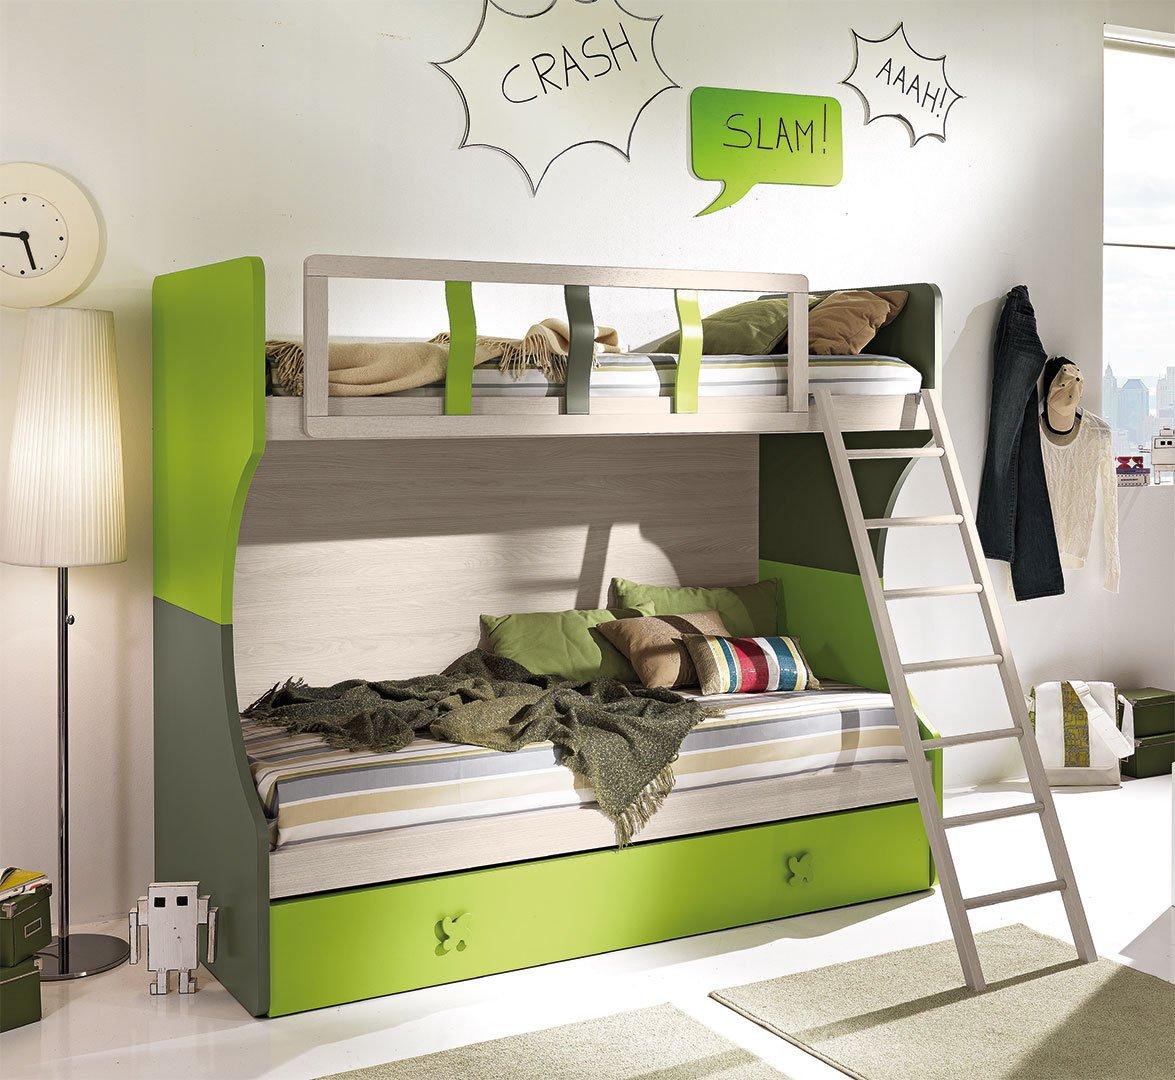 Soluzioni salvaspazio per camerette - Idee per camerette piccole ...